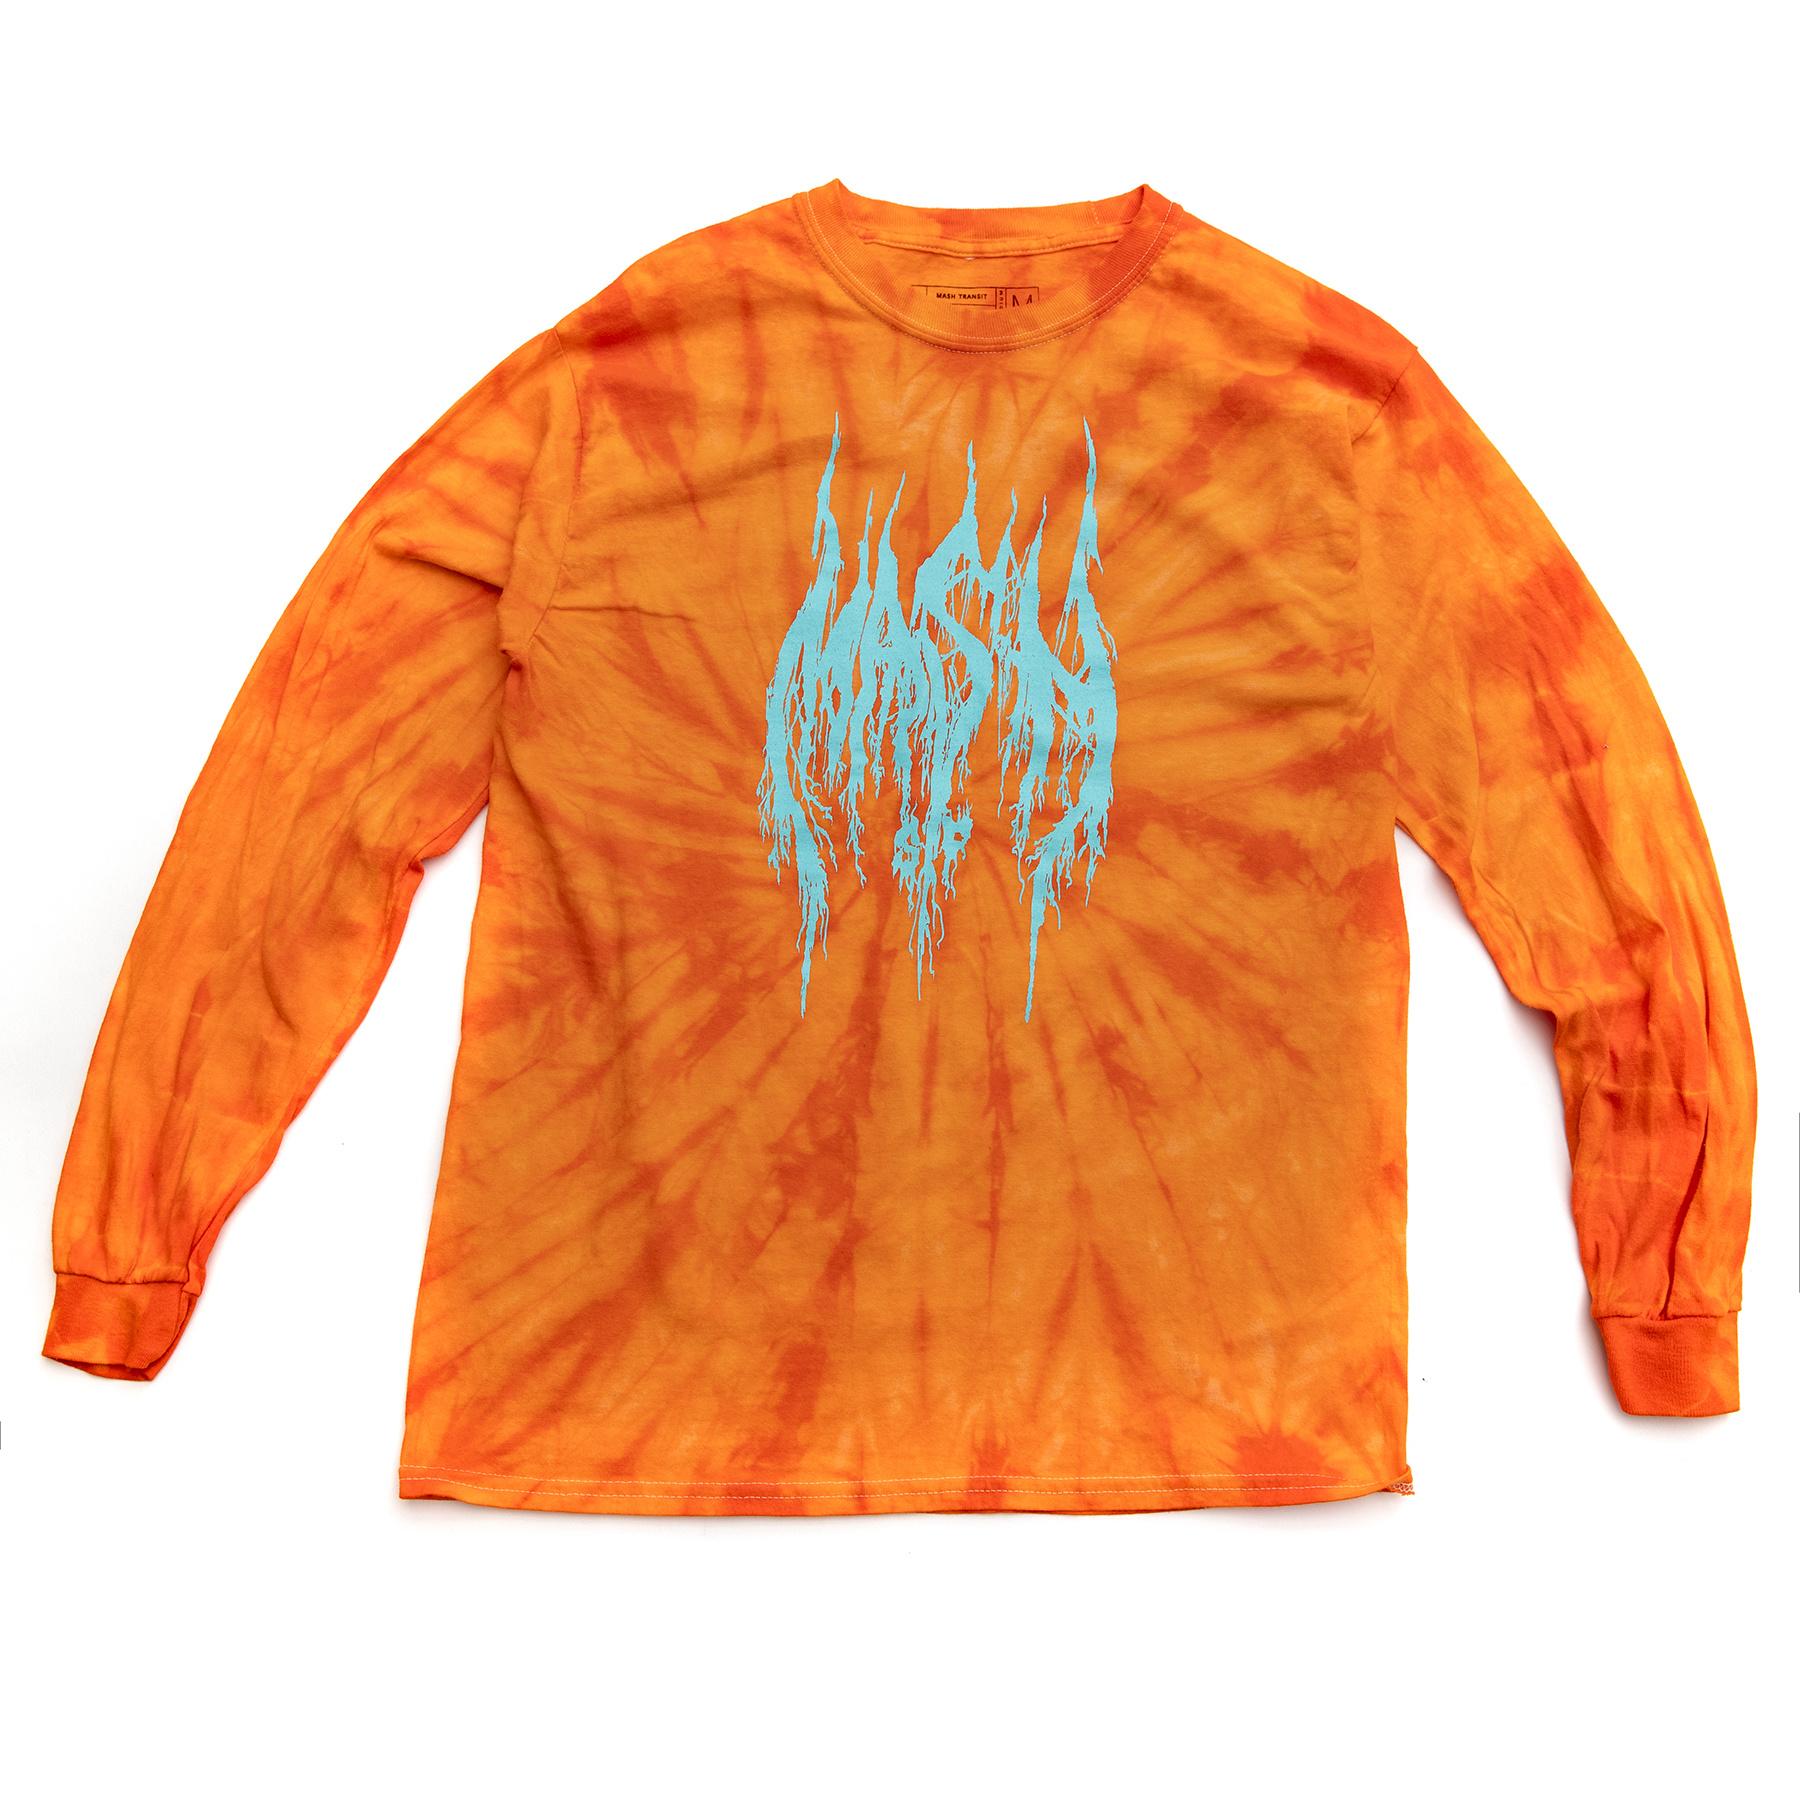 MASH Metal Long Sleeve Orange Spider Dye